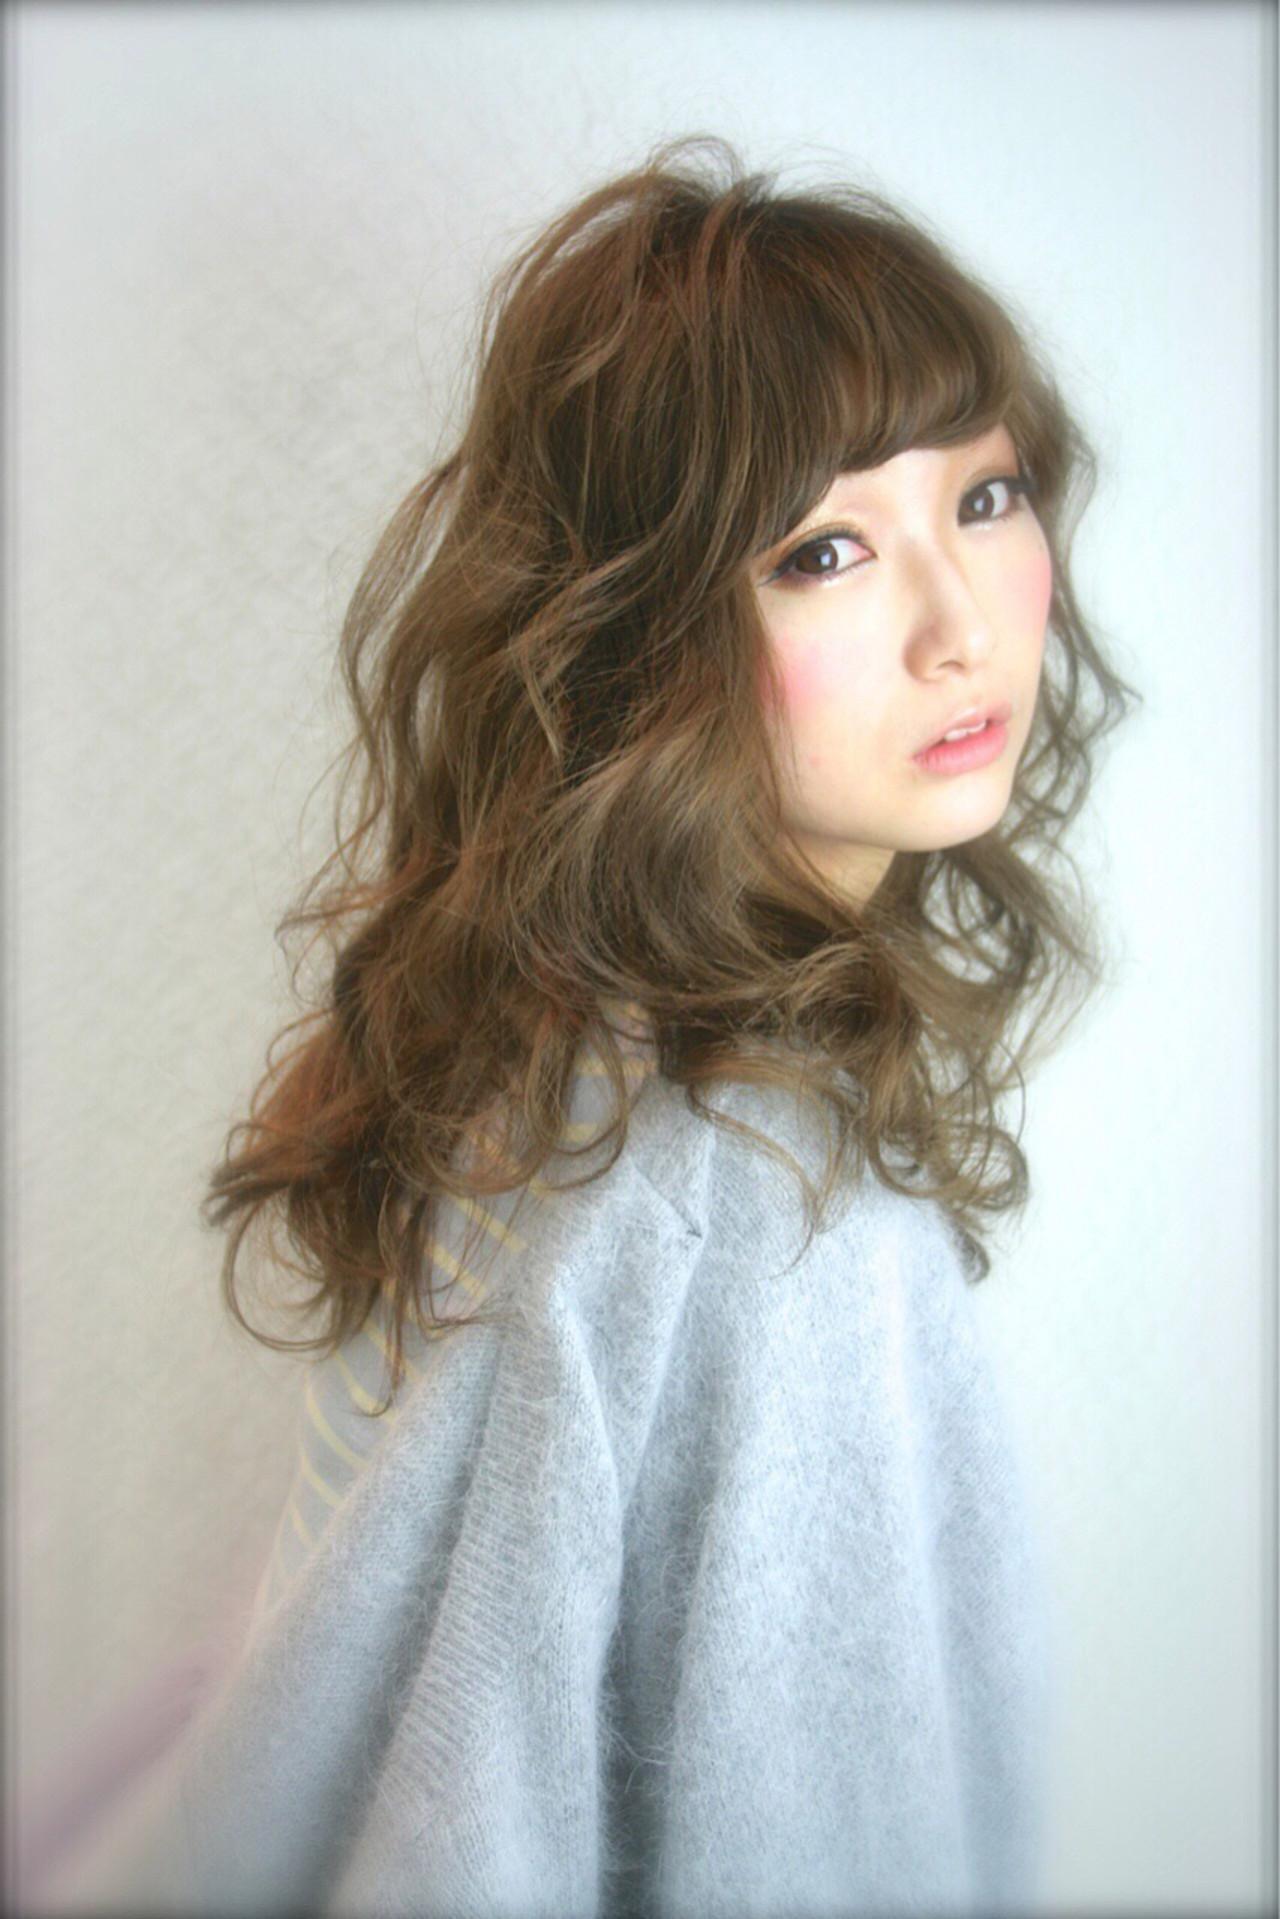 ゆるふわ 大人かわいい ロング 外国人風 ヘアスタイルや髪型の写真・画像 | 橋口 武史 RBY blanc / RBY blanc